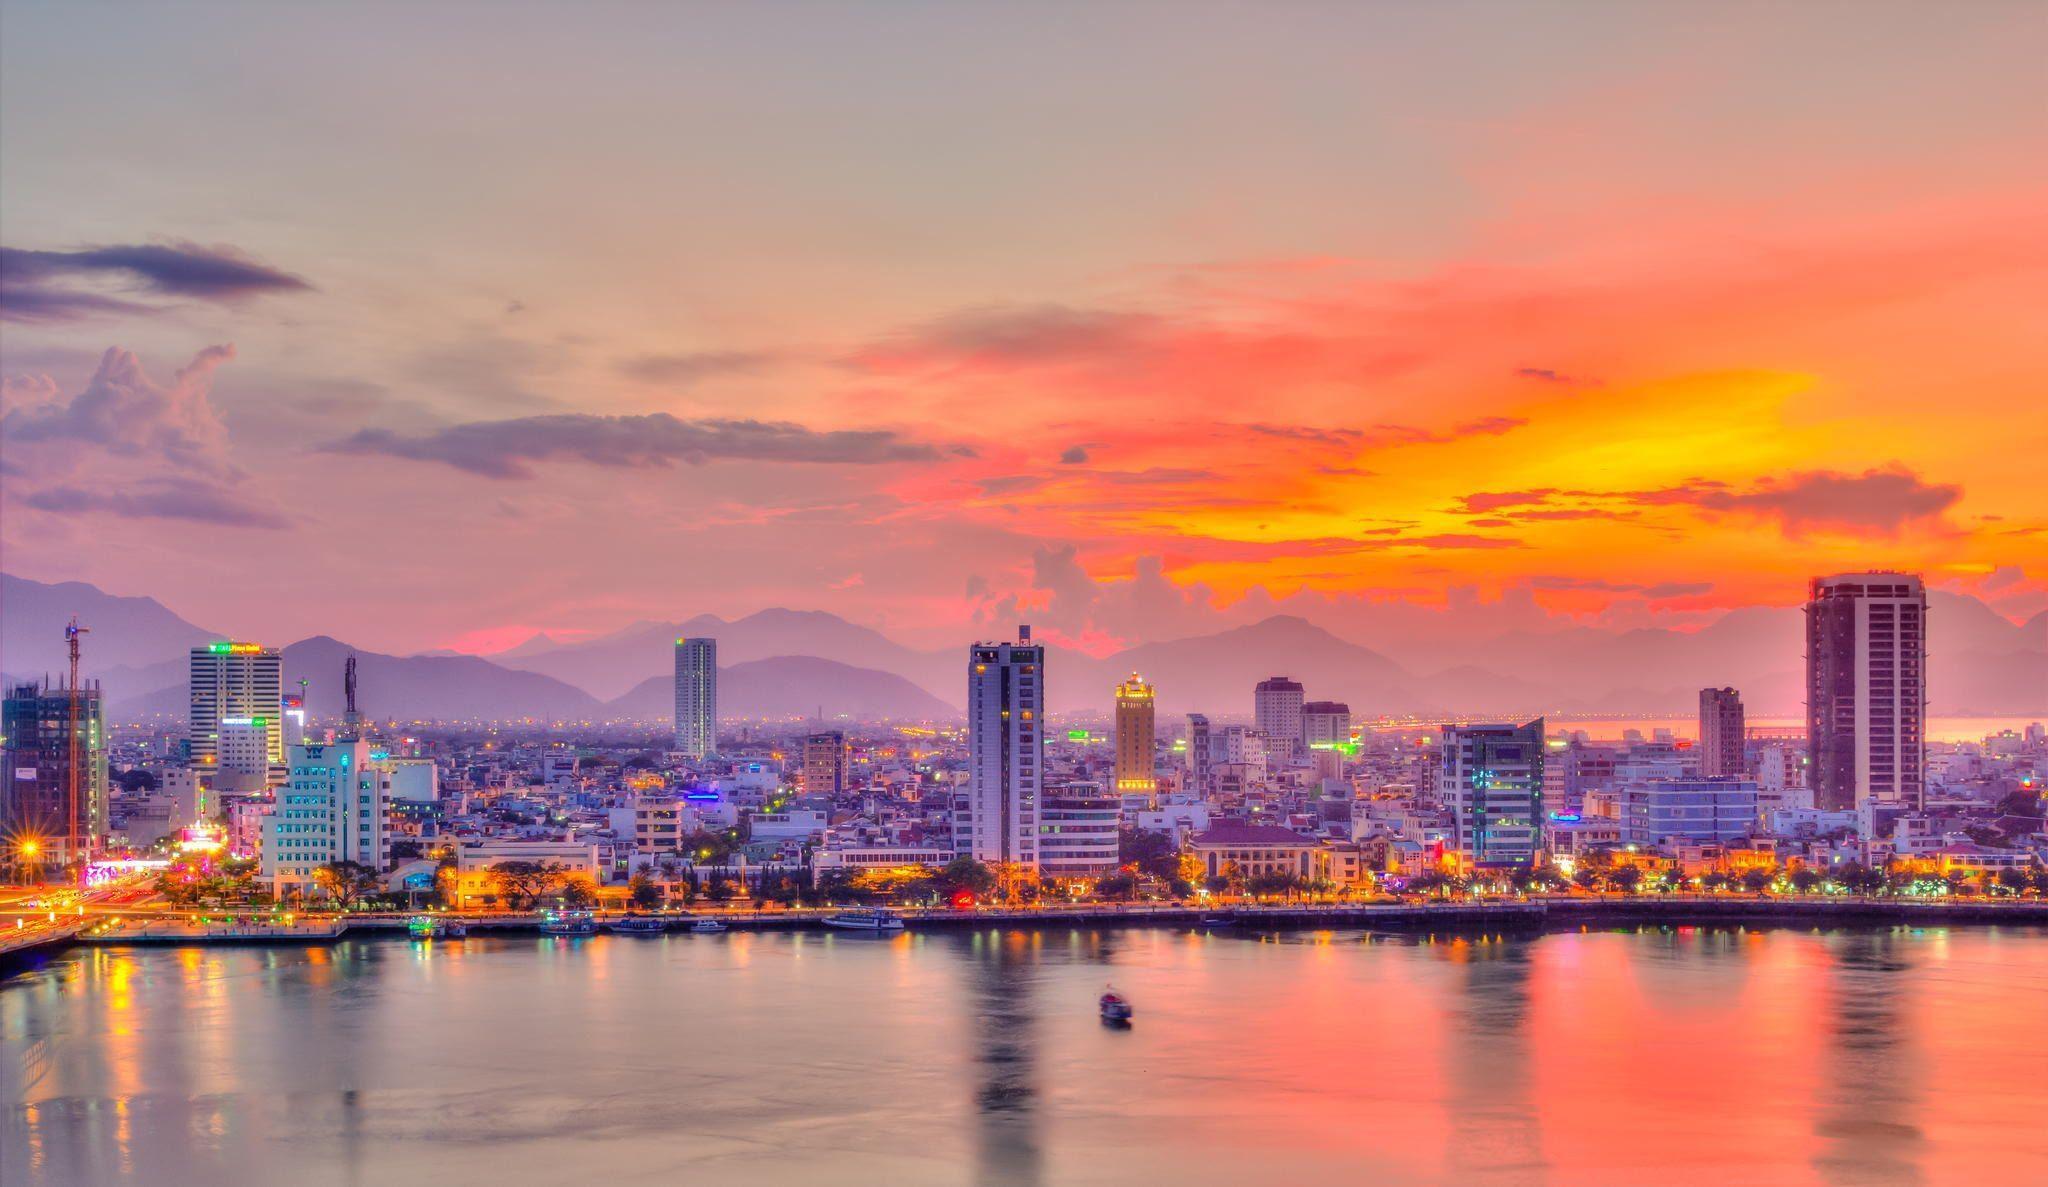 Bình chọn 20 công dân tiêu biểu của TP. Đà Nẵng